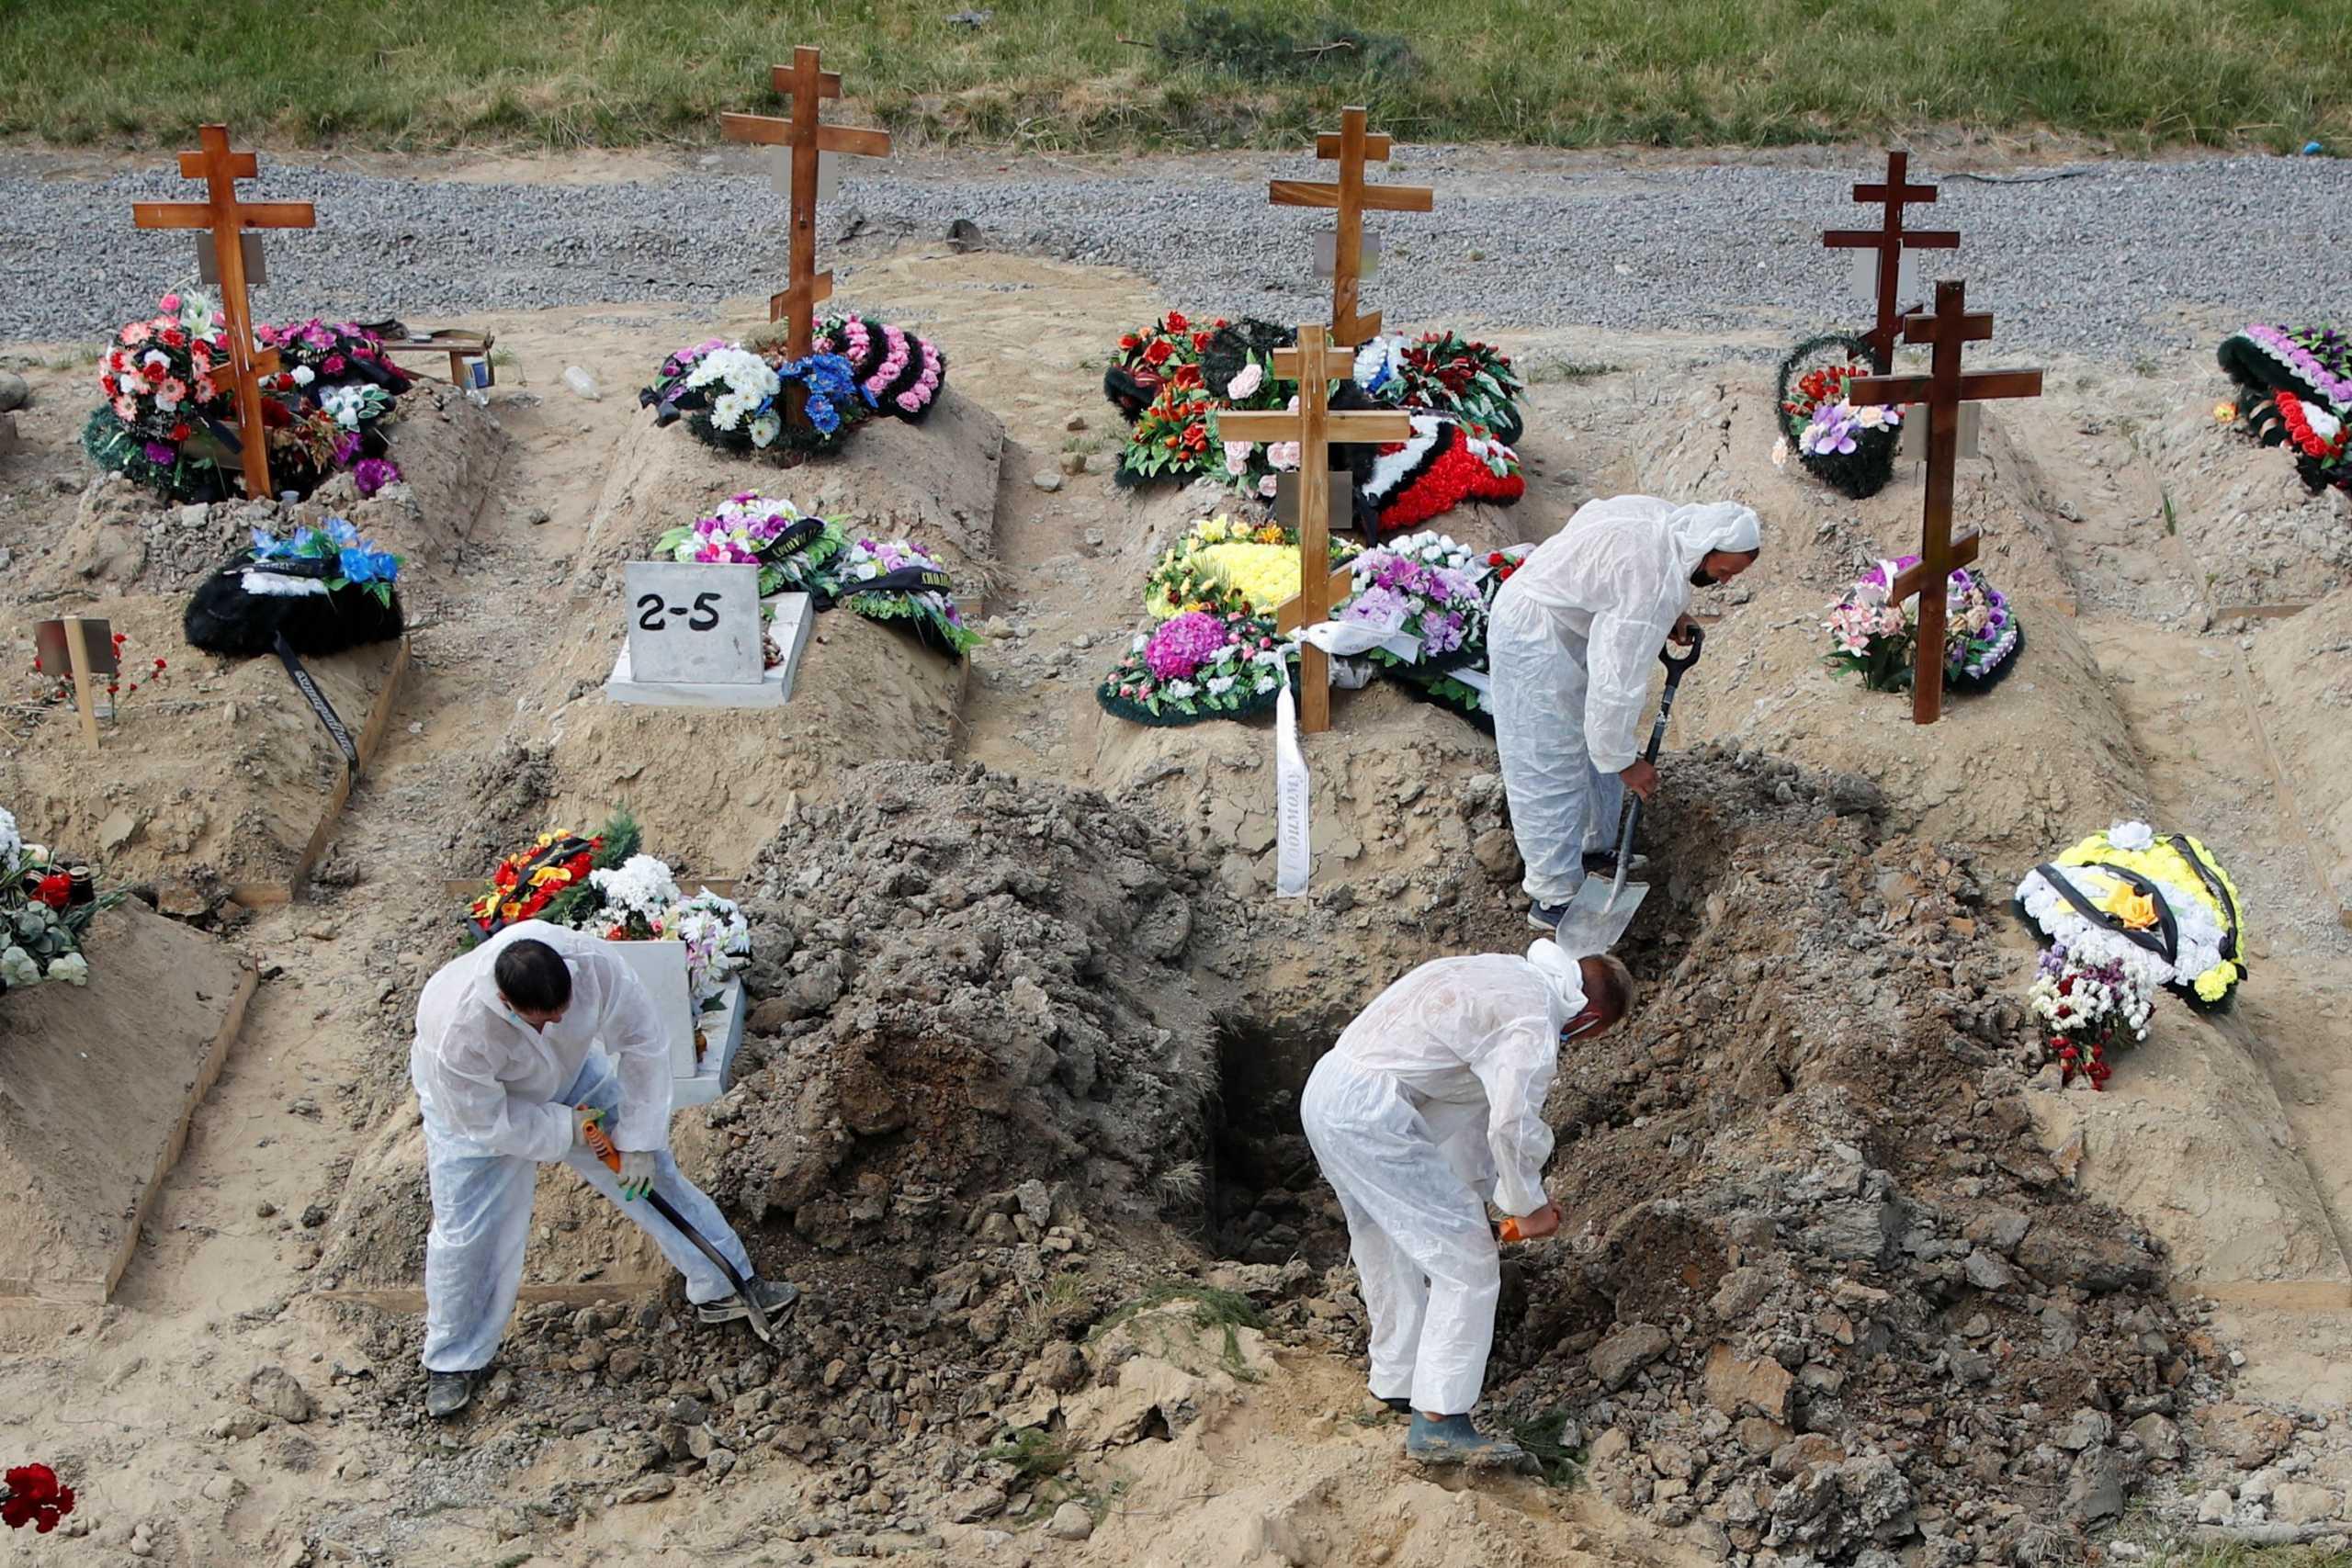 Ρωσία: Θλιβερό ρεκόρ με 786 νεκρούς από κορονοϊό το τελευταίο 24ωρο